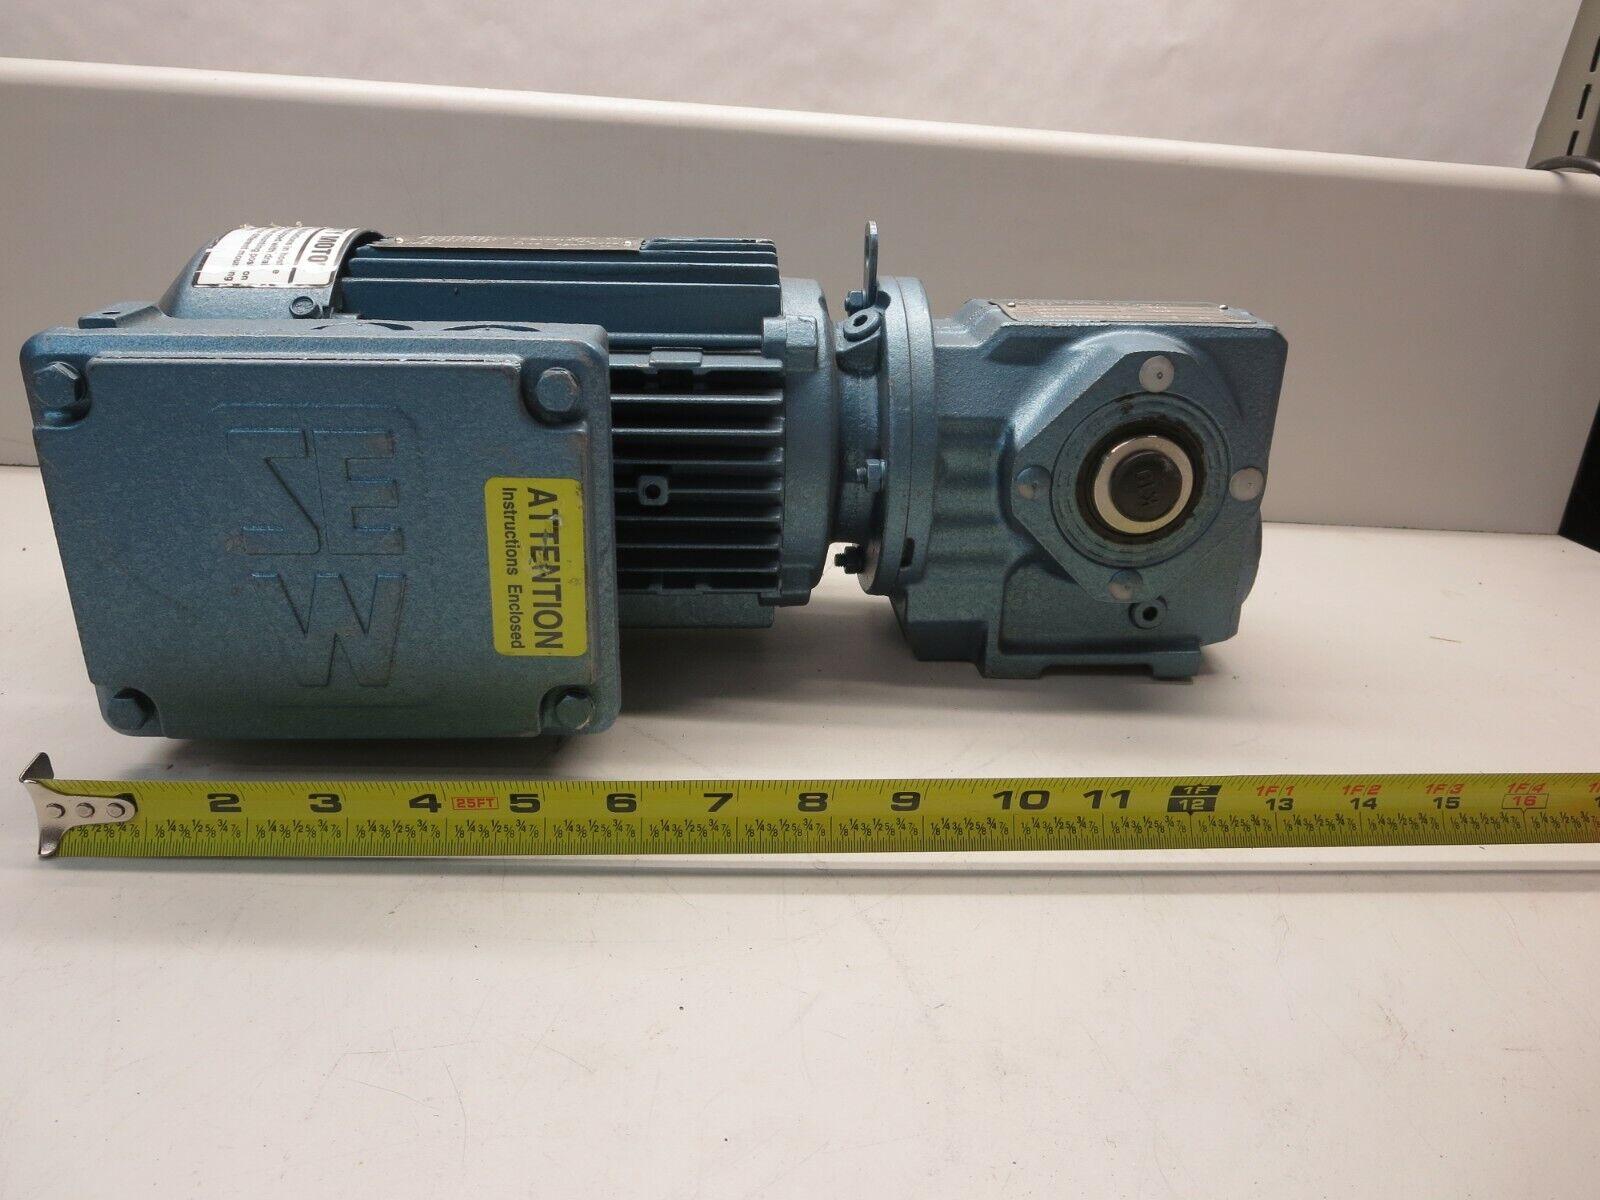 SEW-EURODRIVE, DFT80K4-KS With SA37DT80K4-KS, Motor & Reducer, 3 PH, 230 460VAC